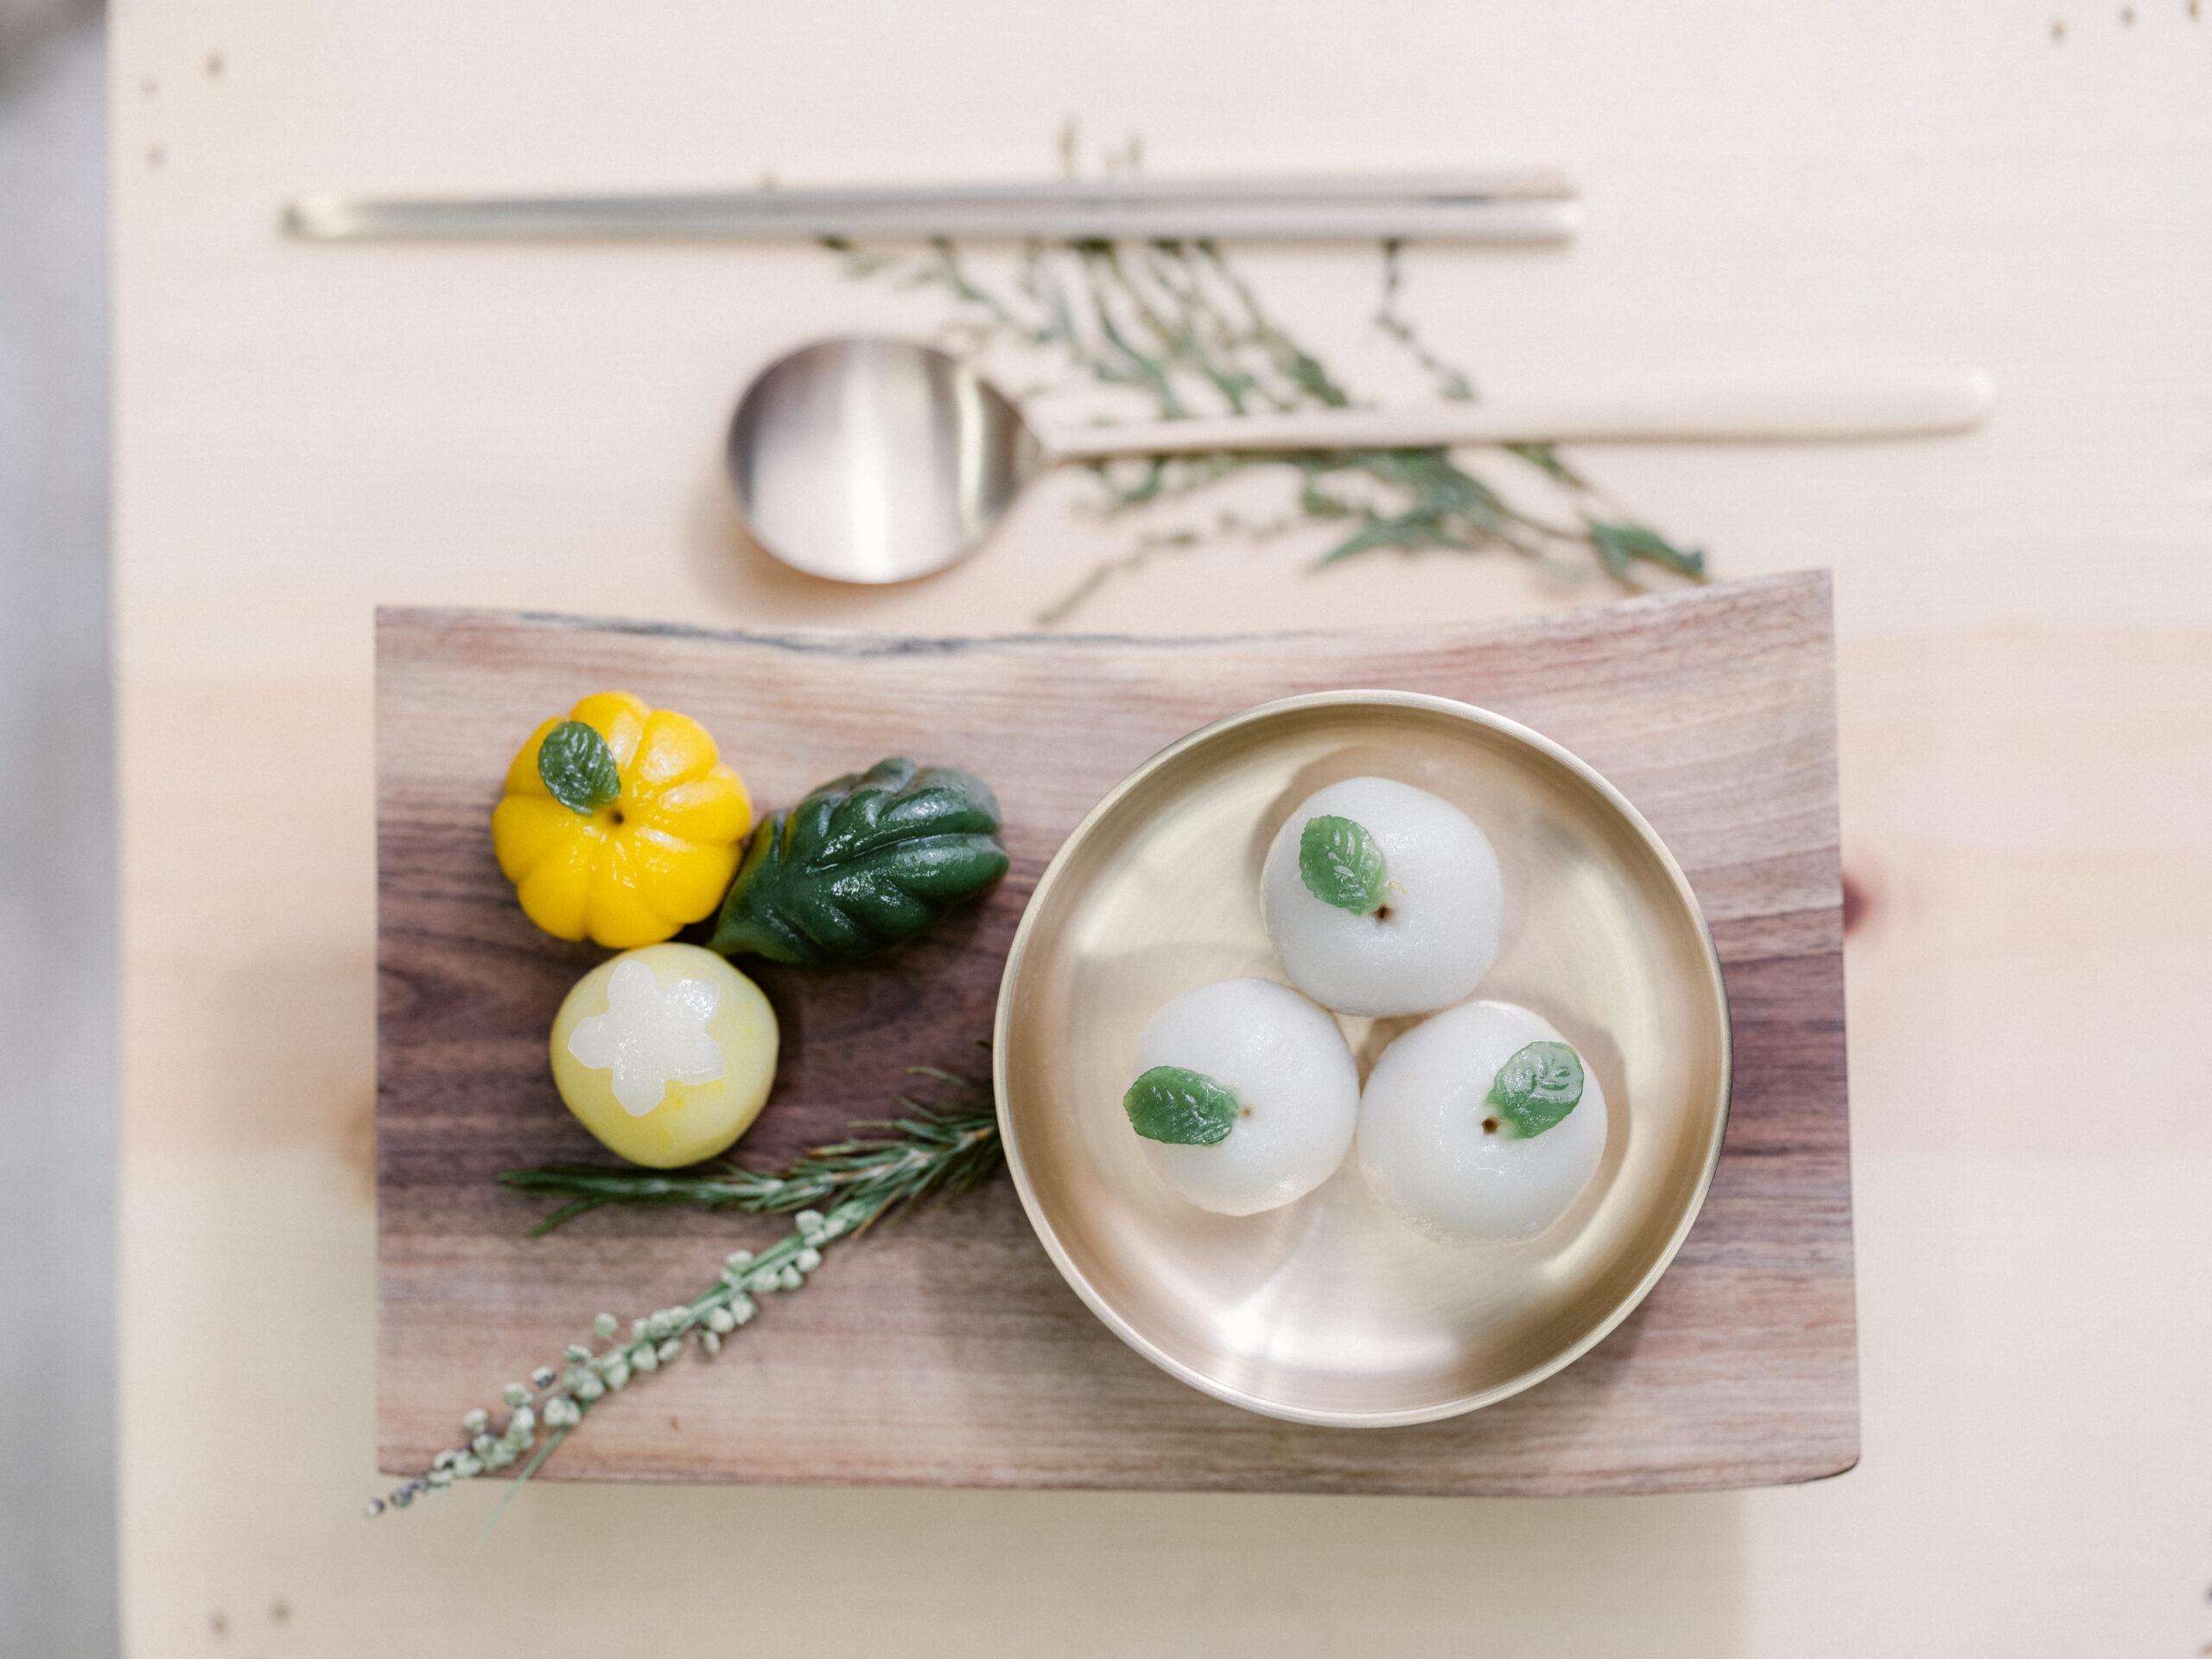 Tteok - Korean rice cake